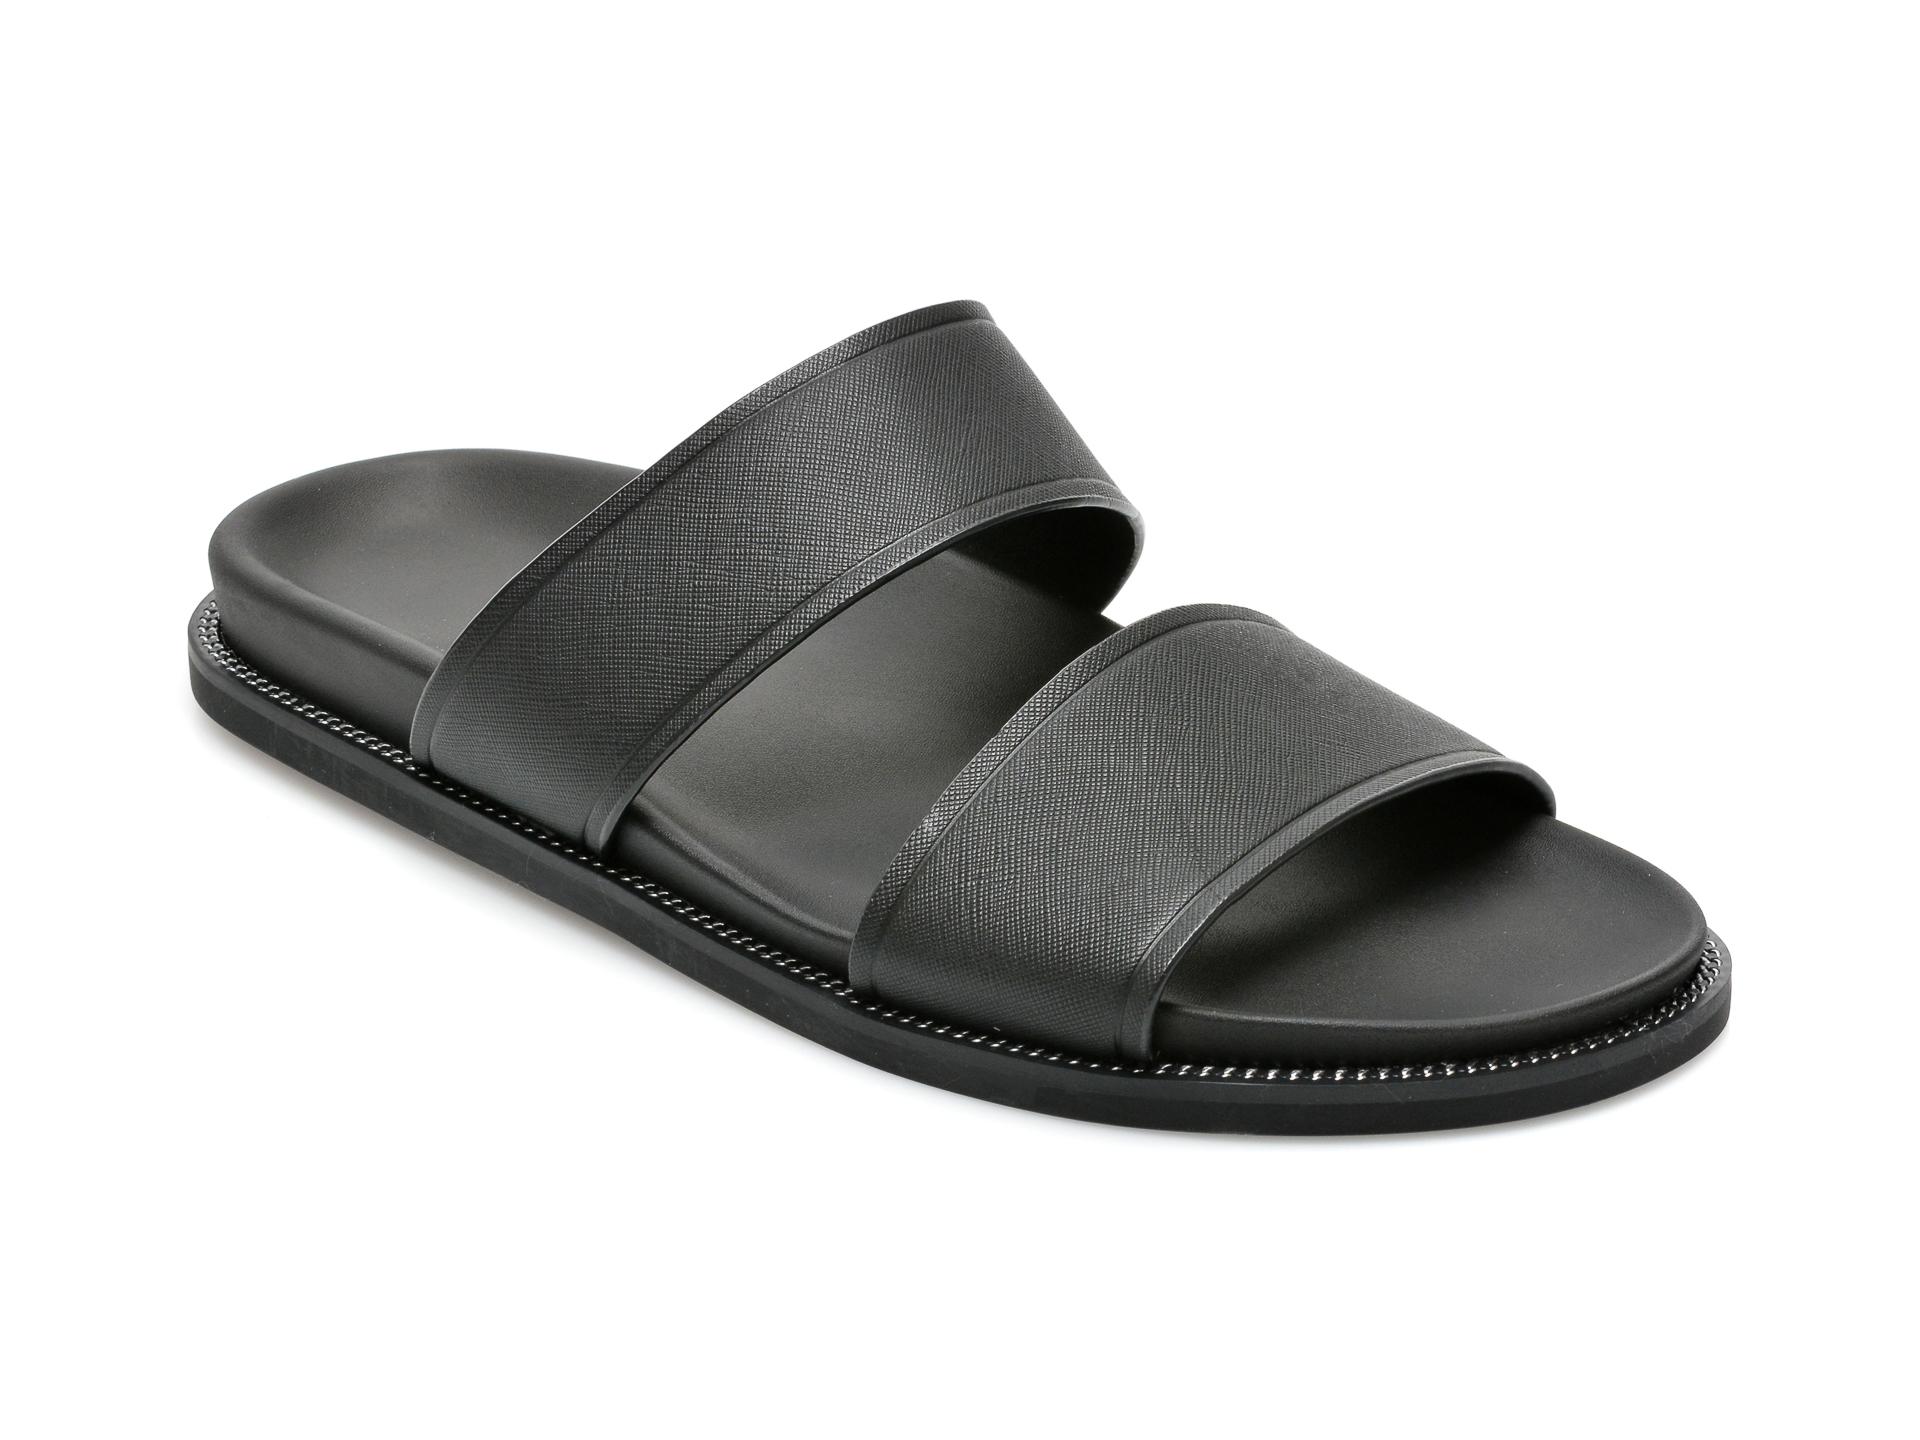 Papuci ALDO negre, Jivan004, din piele naturala